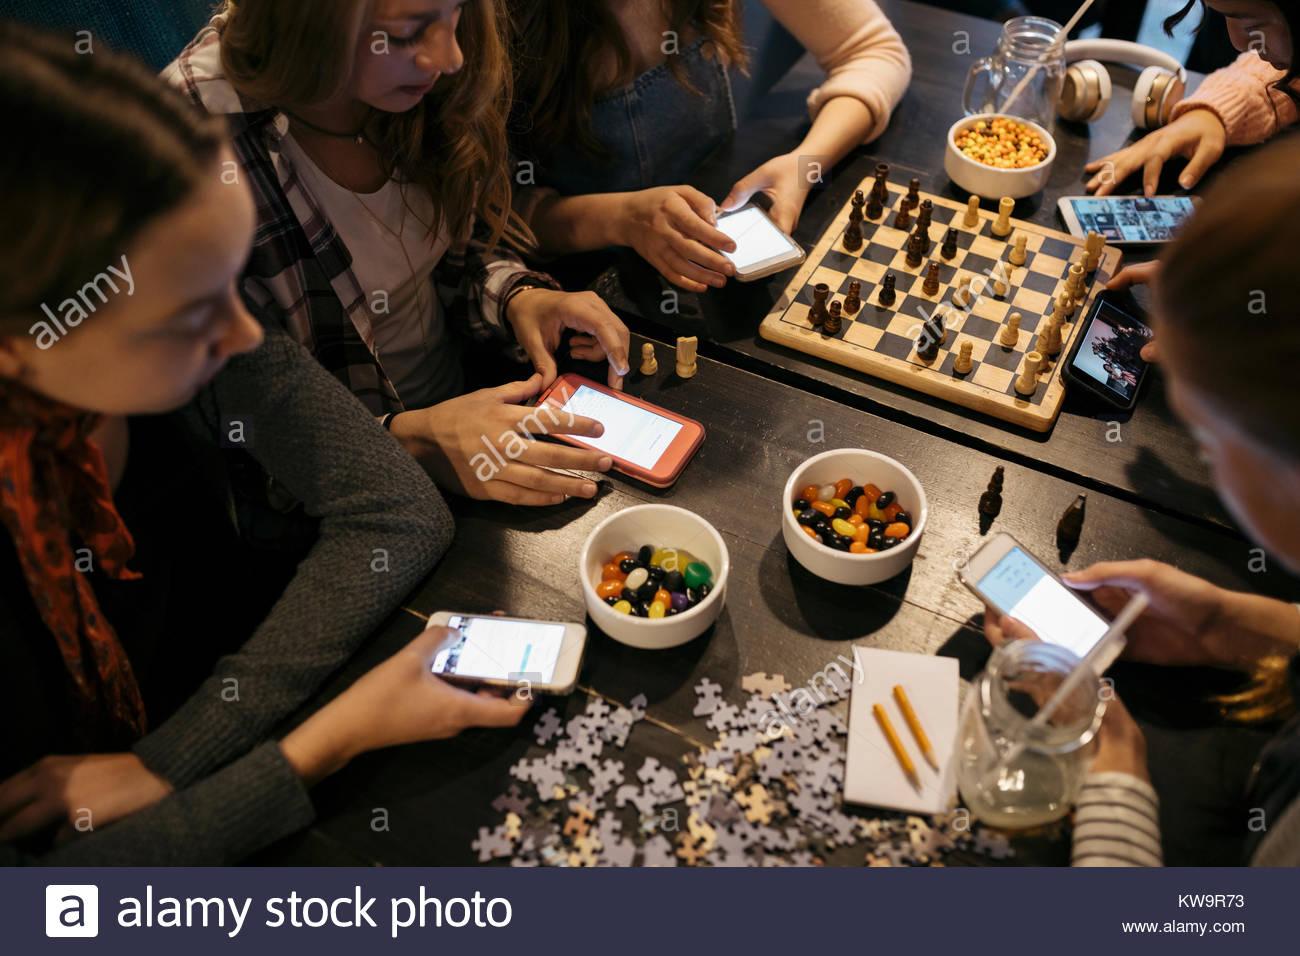 Tween amigas jugando al ajedrez, armar rompecabezas y texto con teléfonos inteligentes en la mesa Imagen De Stock